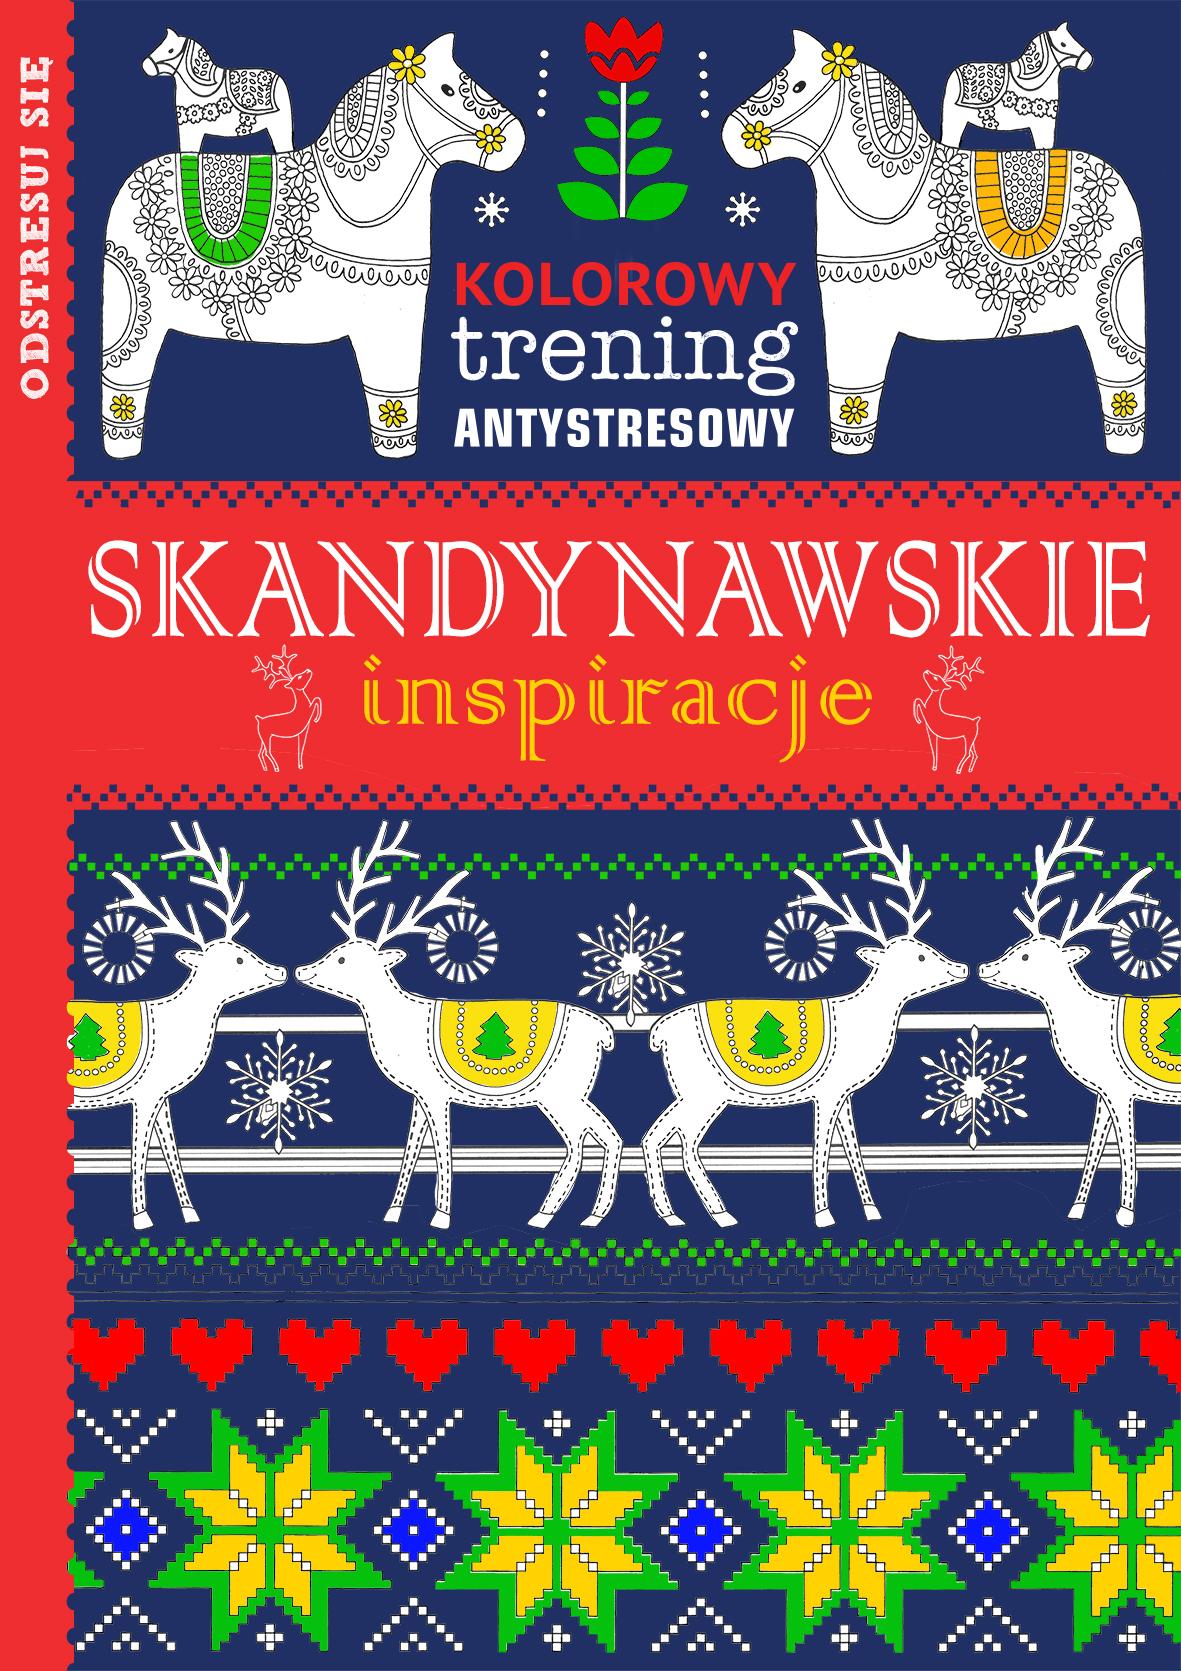 Skandynawskie inspiracje kolorowy trening antystresowy